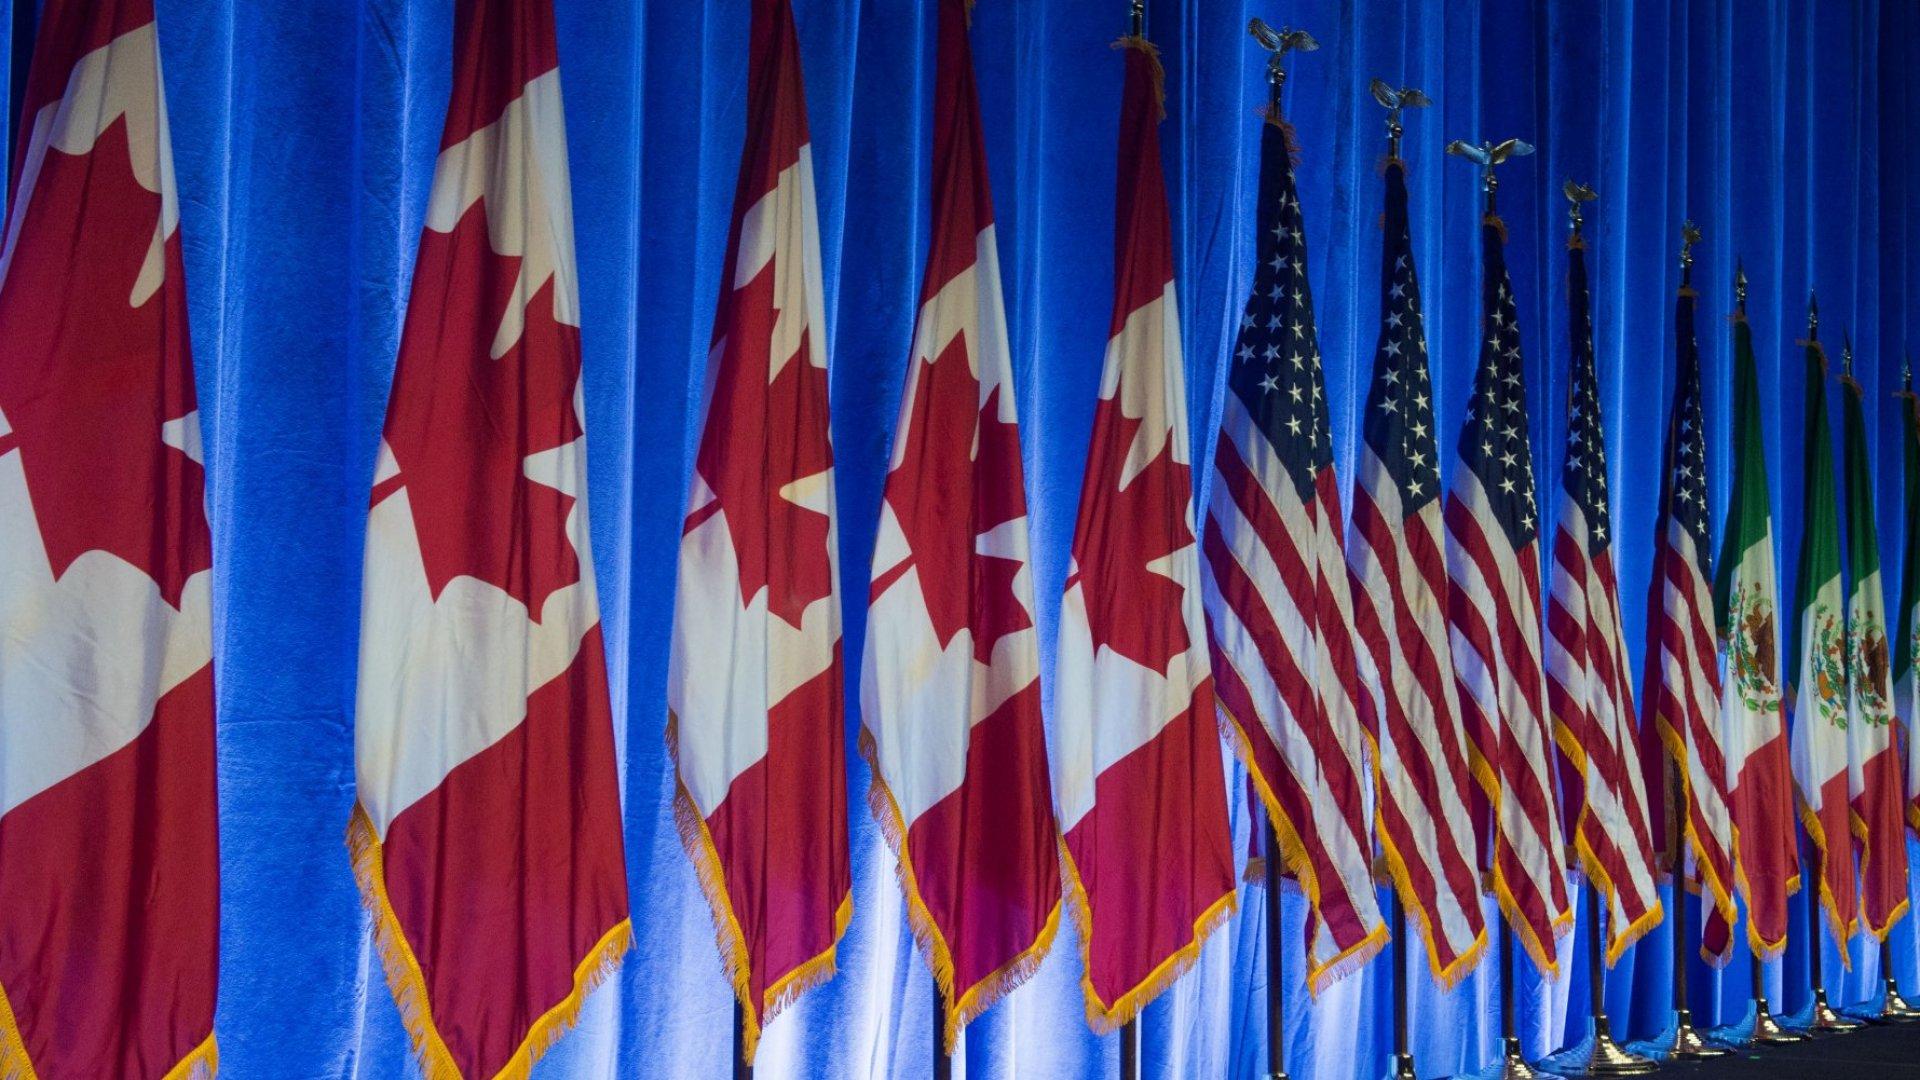 Top U.S. Trade Negotiator Signals NAFTA Talks Could Prove Contentious